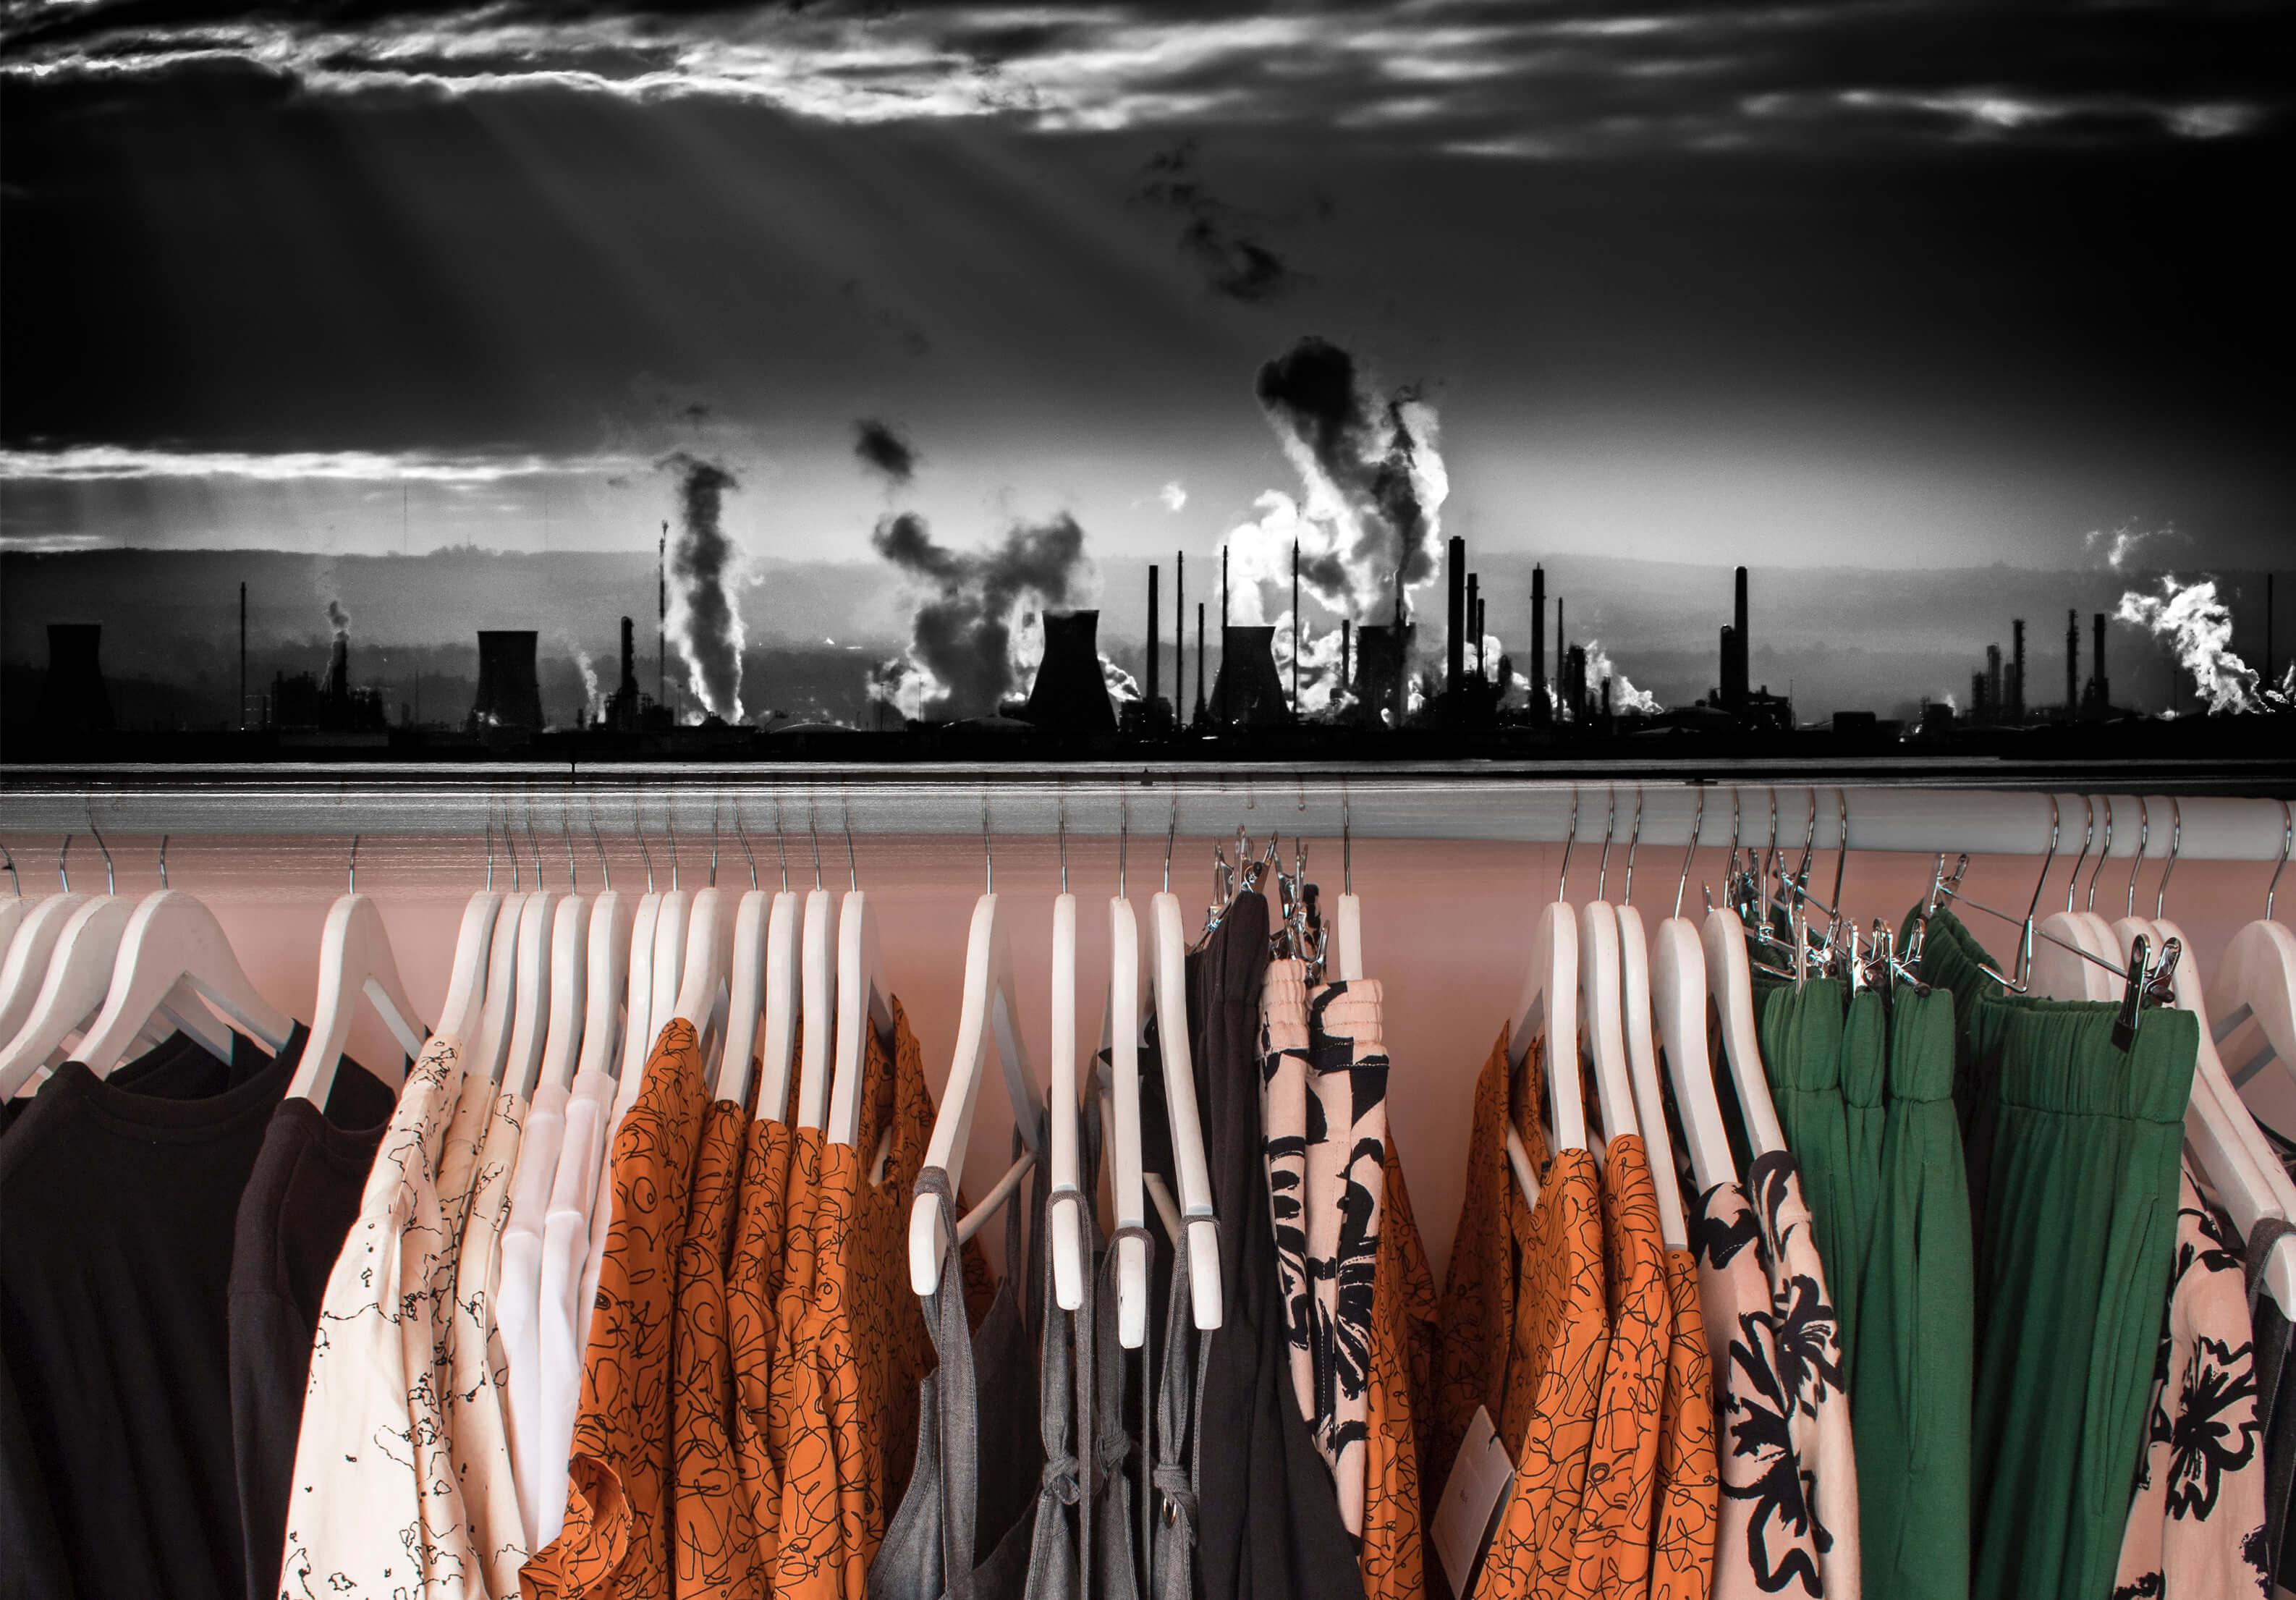 Insostenibile moda: le fibre sintetiche che fanno male all'ambiente